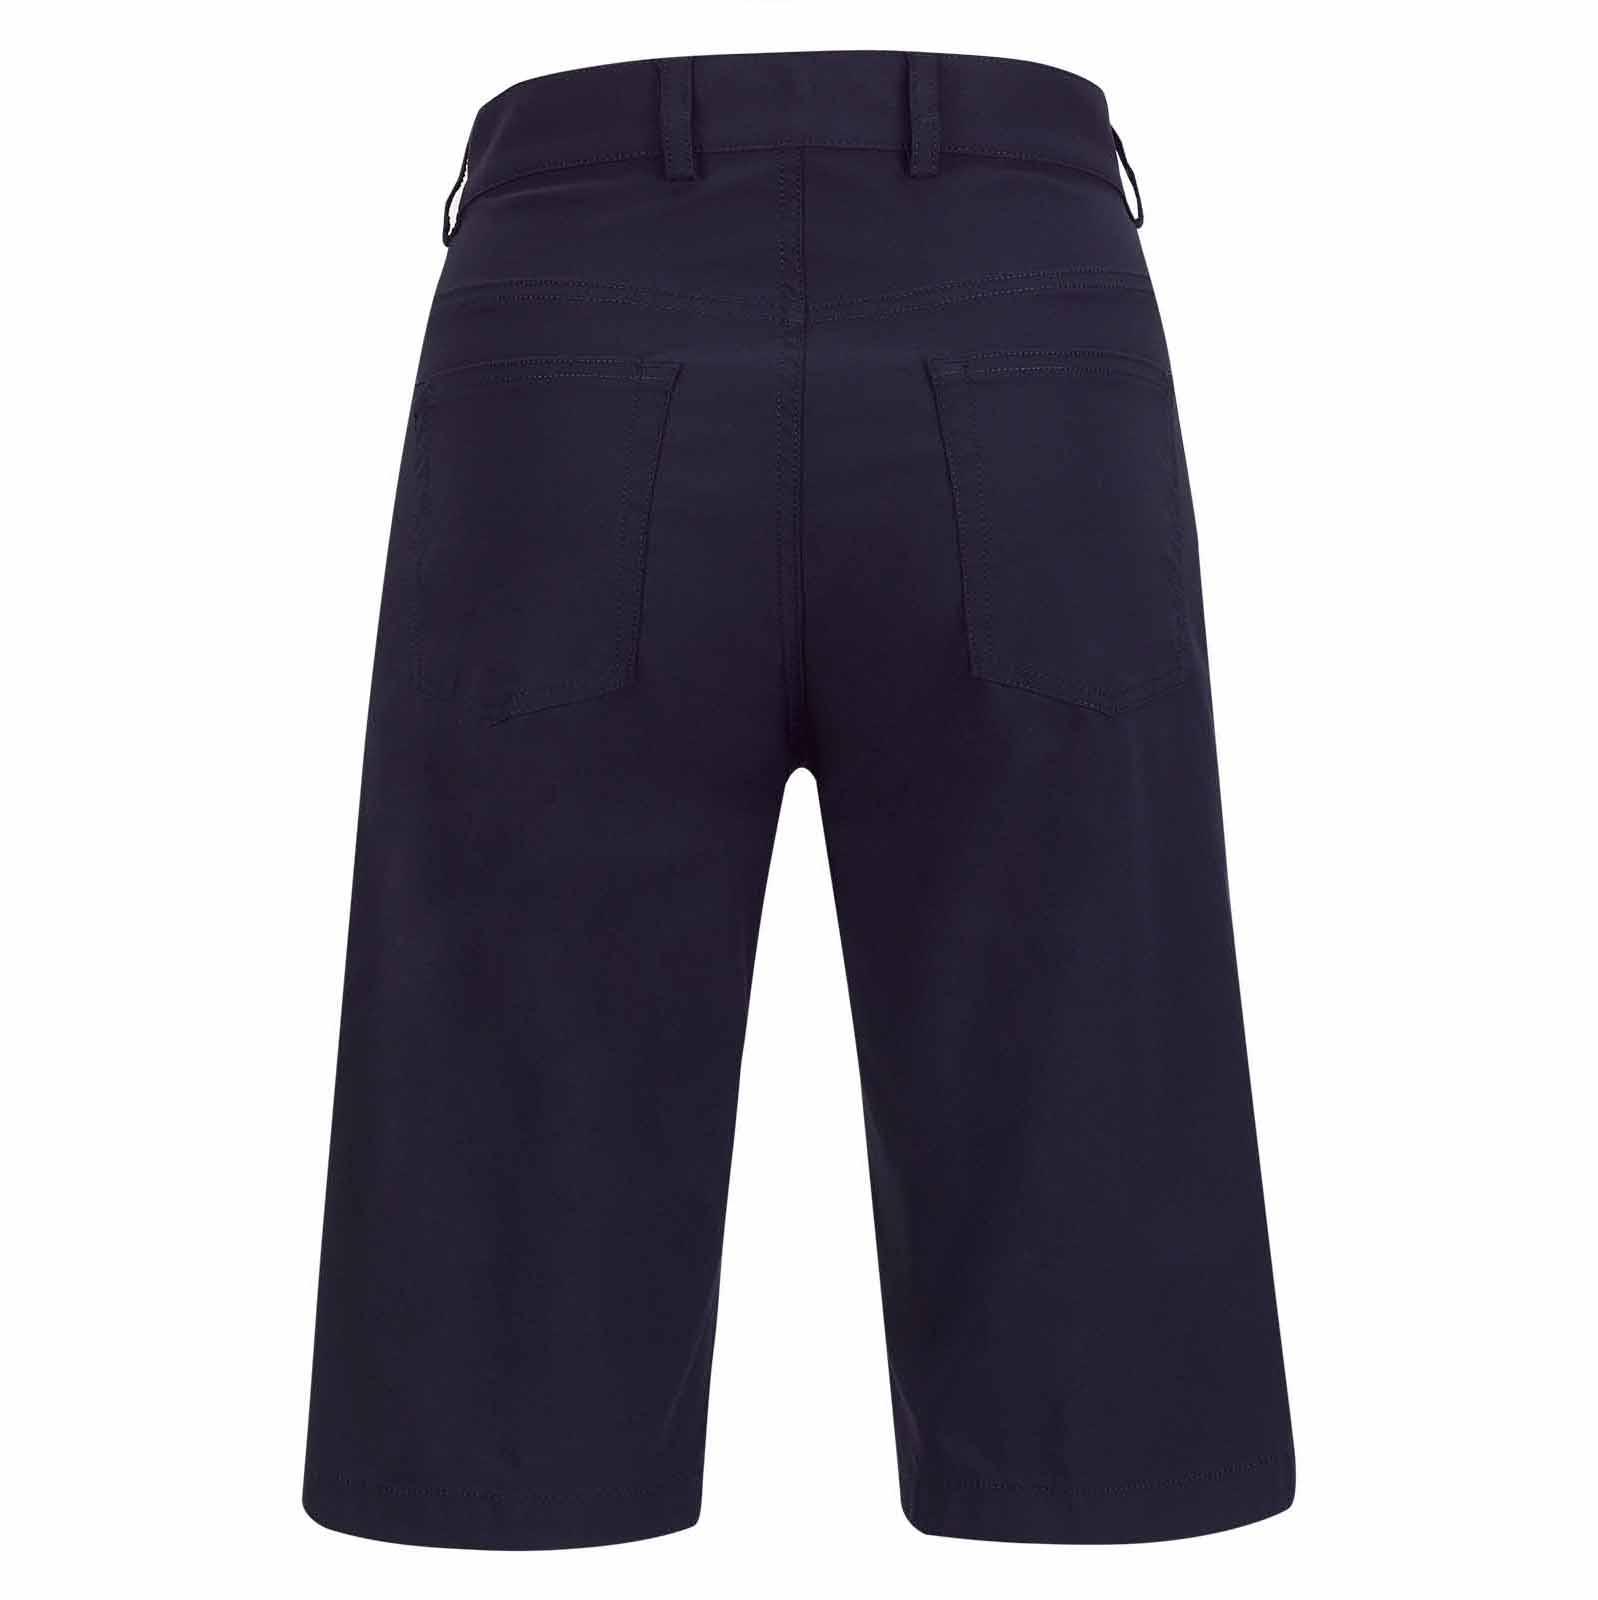 5-Pocket Damen Stretch-Golfbermuda mit UV-Schutz in Slim Fit